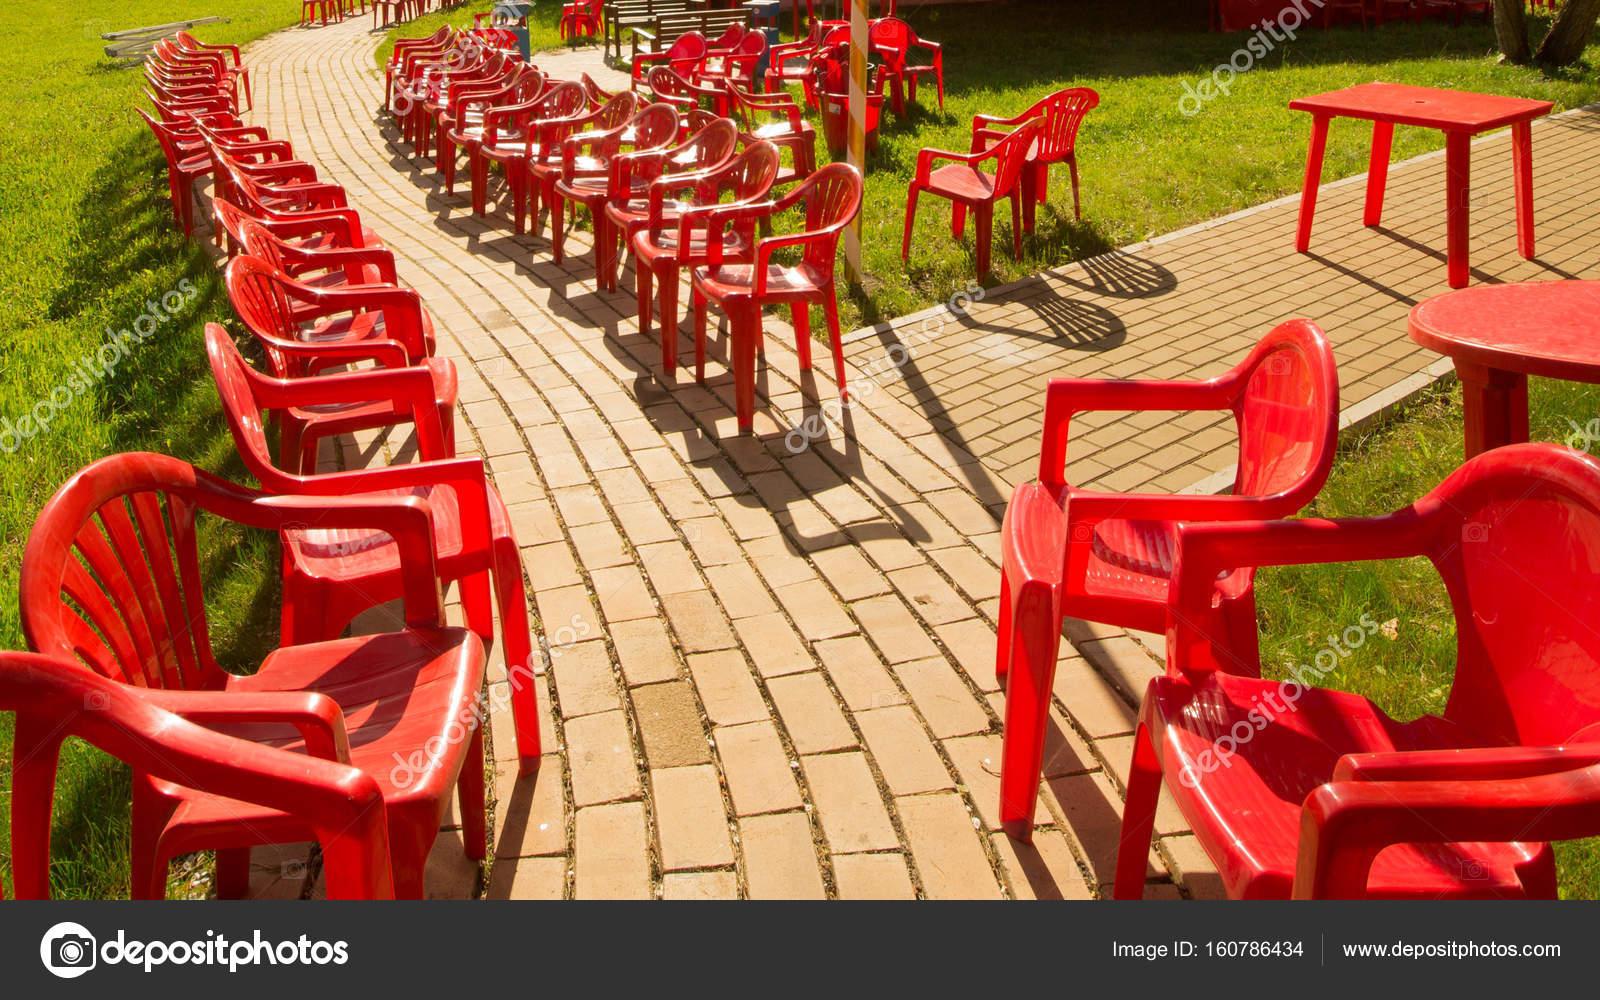 Puente jard n parque patio al aire libre silla rojo for Jardin al aire libre de madera deco